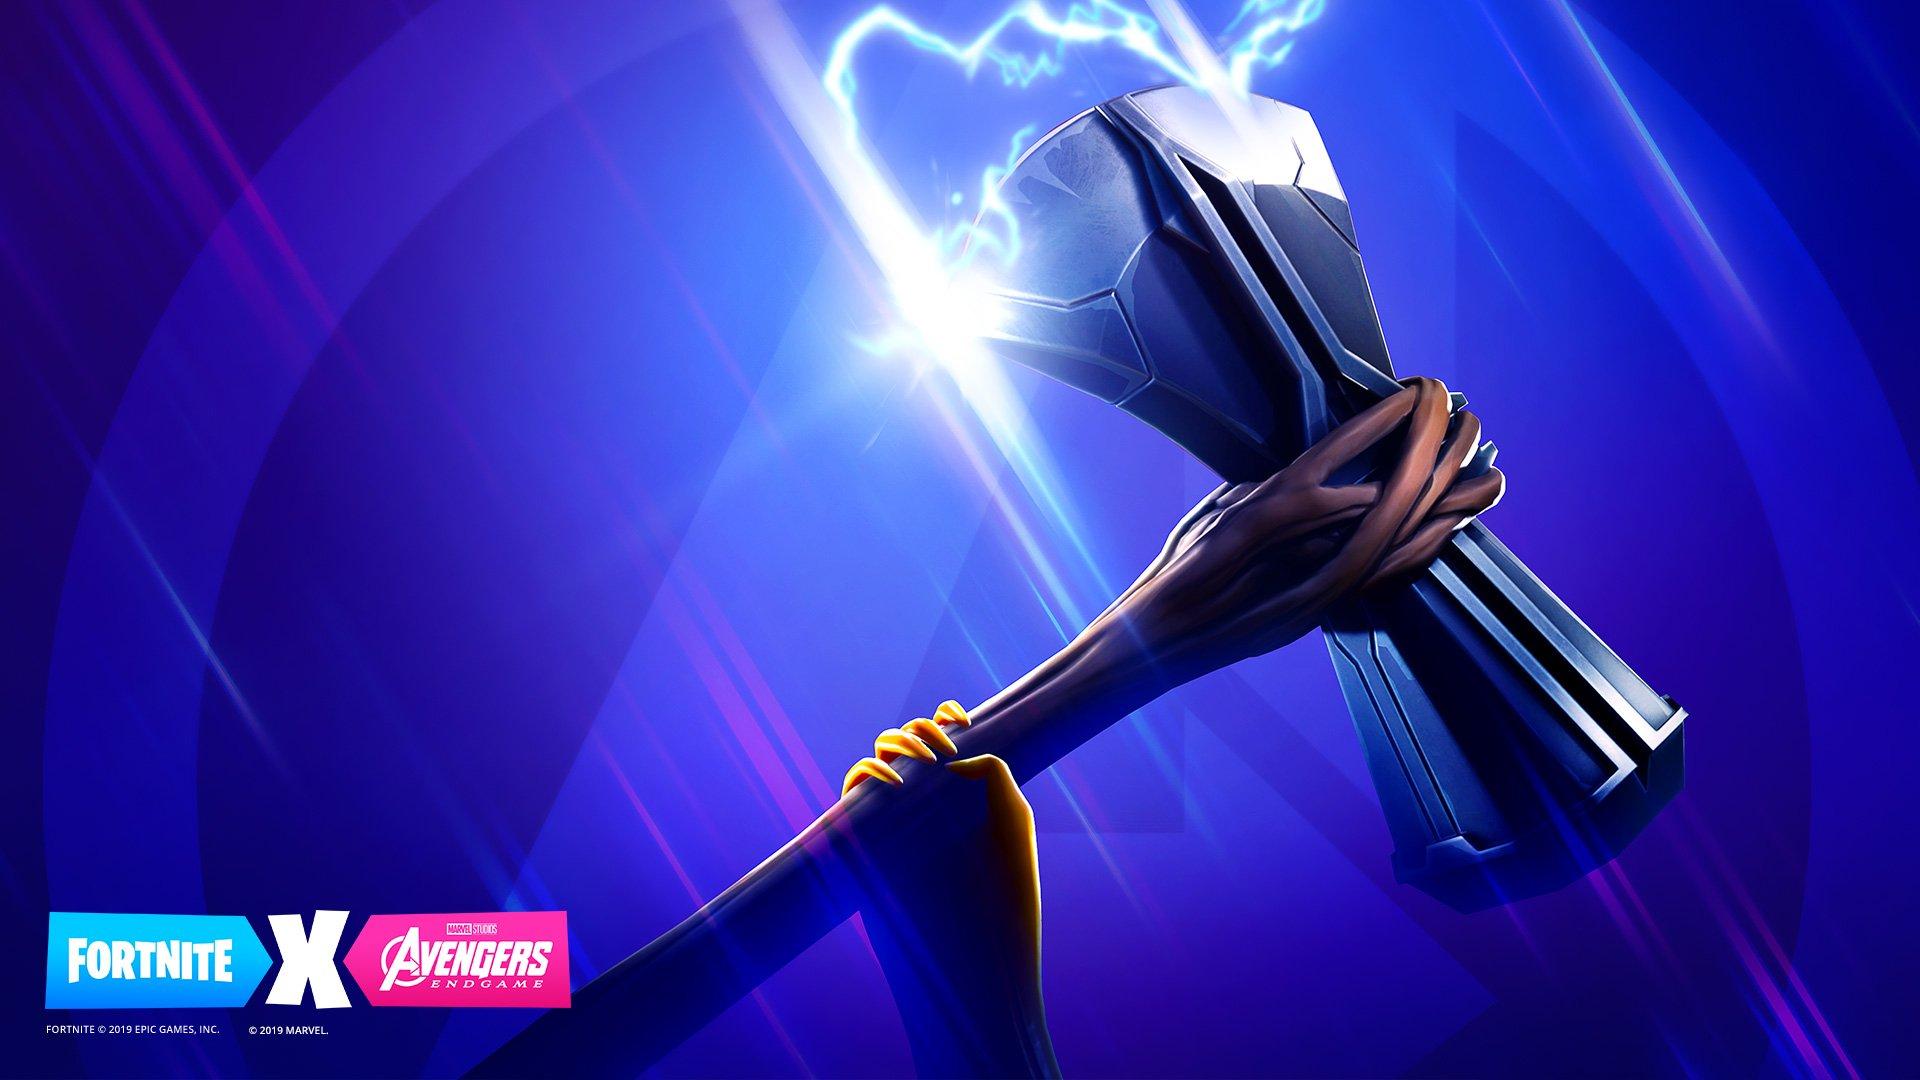 Fortnite Avengers Endgame crossover